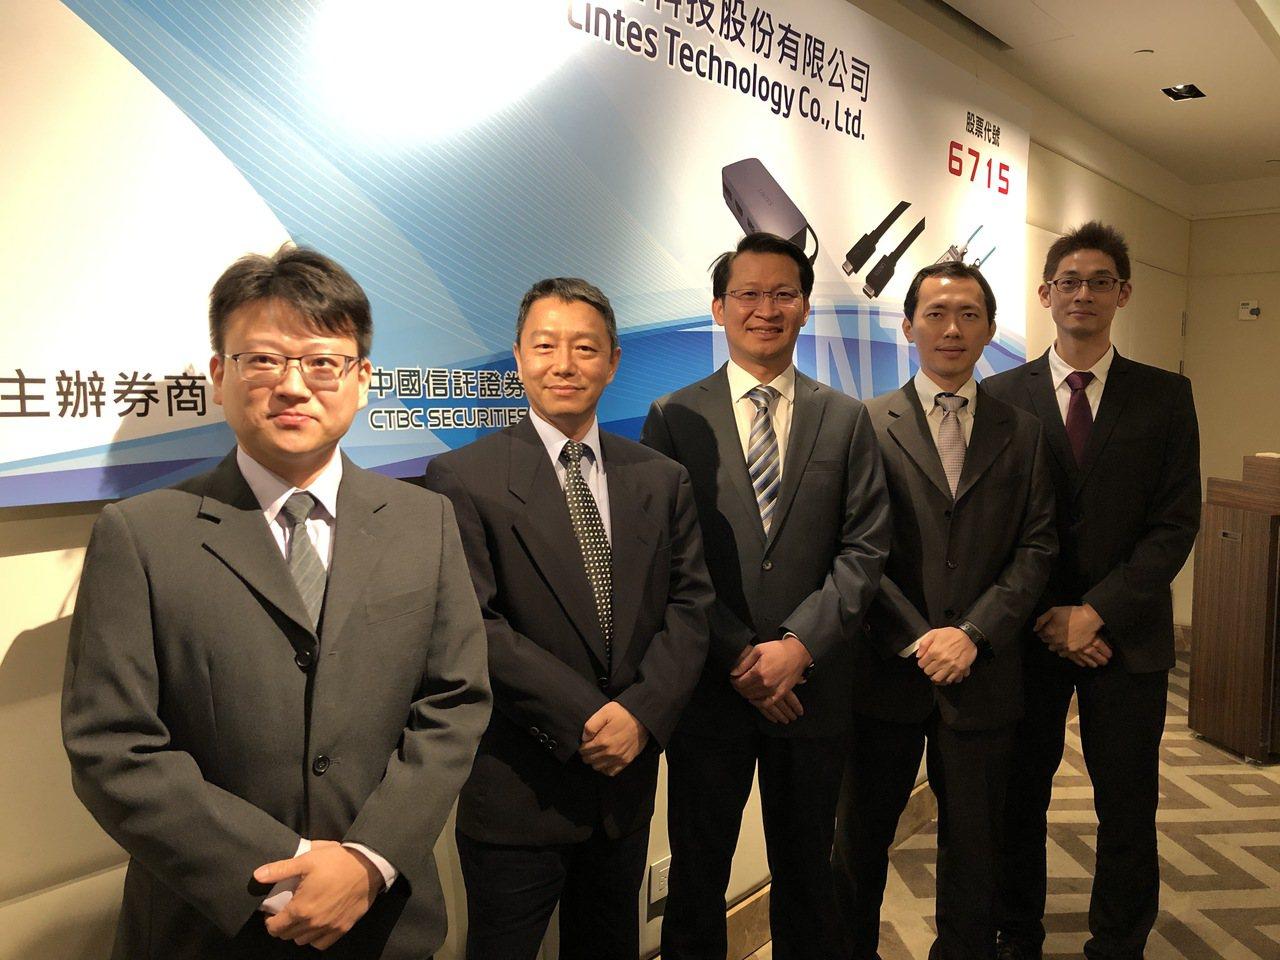 嘉基總經理羅偉仁(中)與經營團隊。記者蕭君暉/攝影